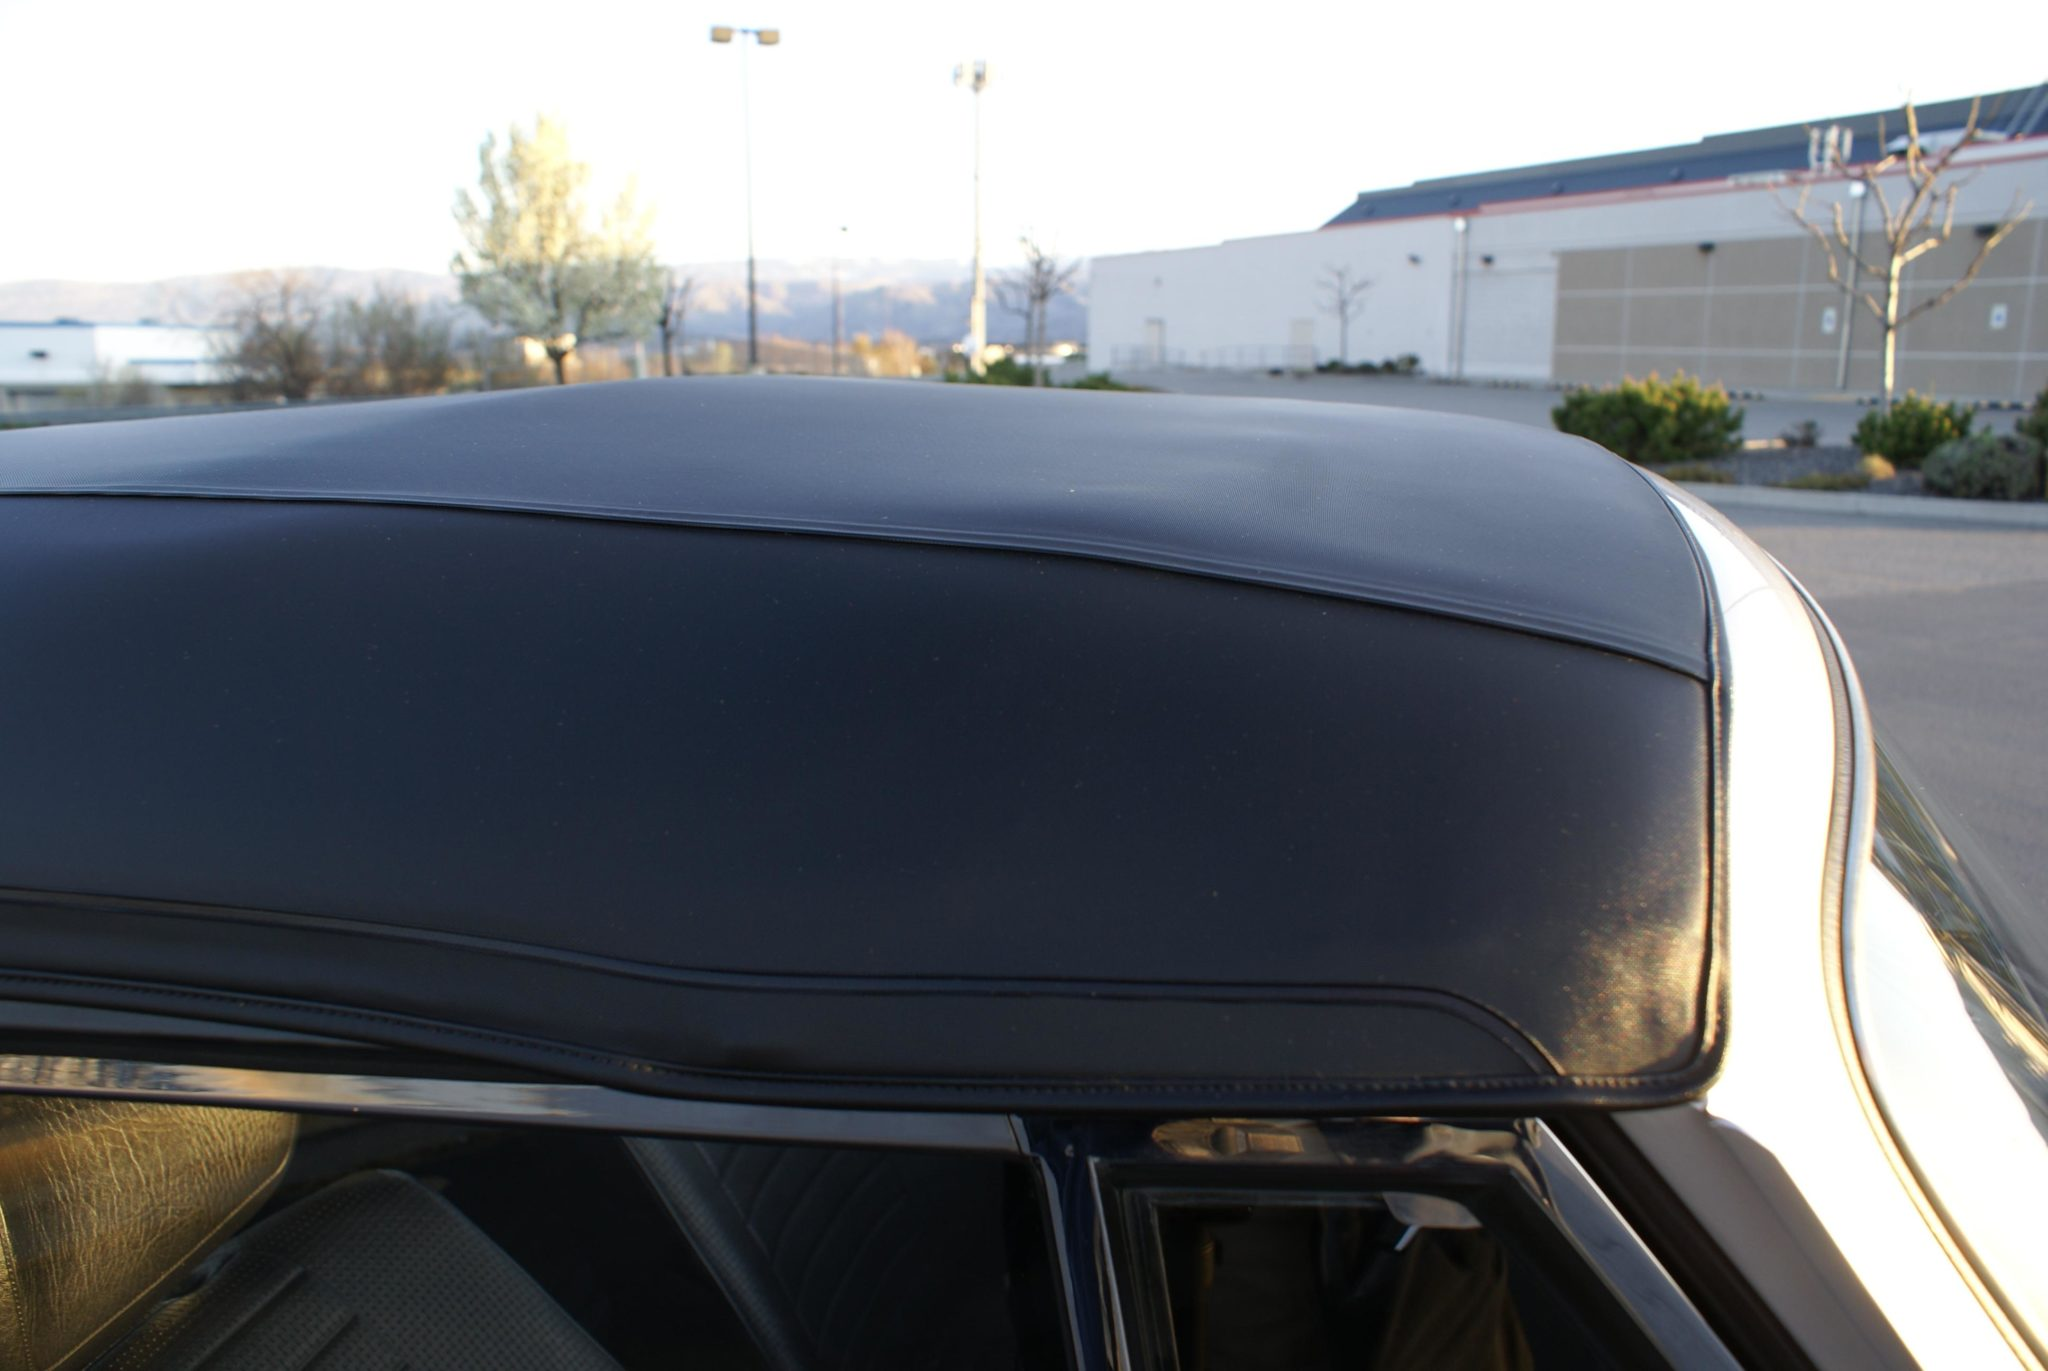 1979_volkswagen_super_beetle_cabriolet_1587071952dff366f5ff3ef5e2020-04-08-19.04.29-scaled